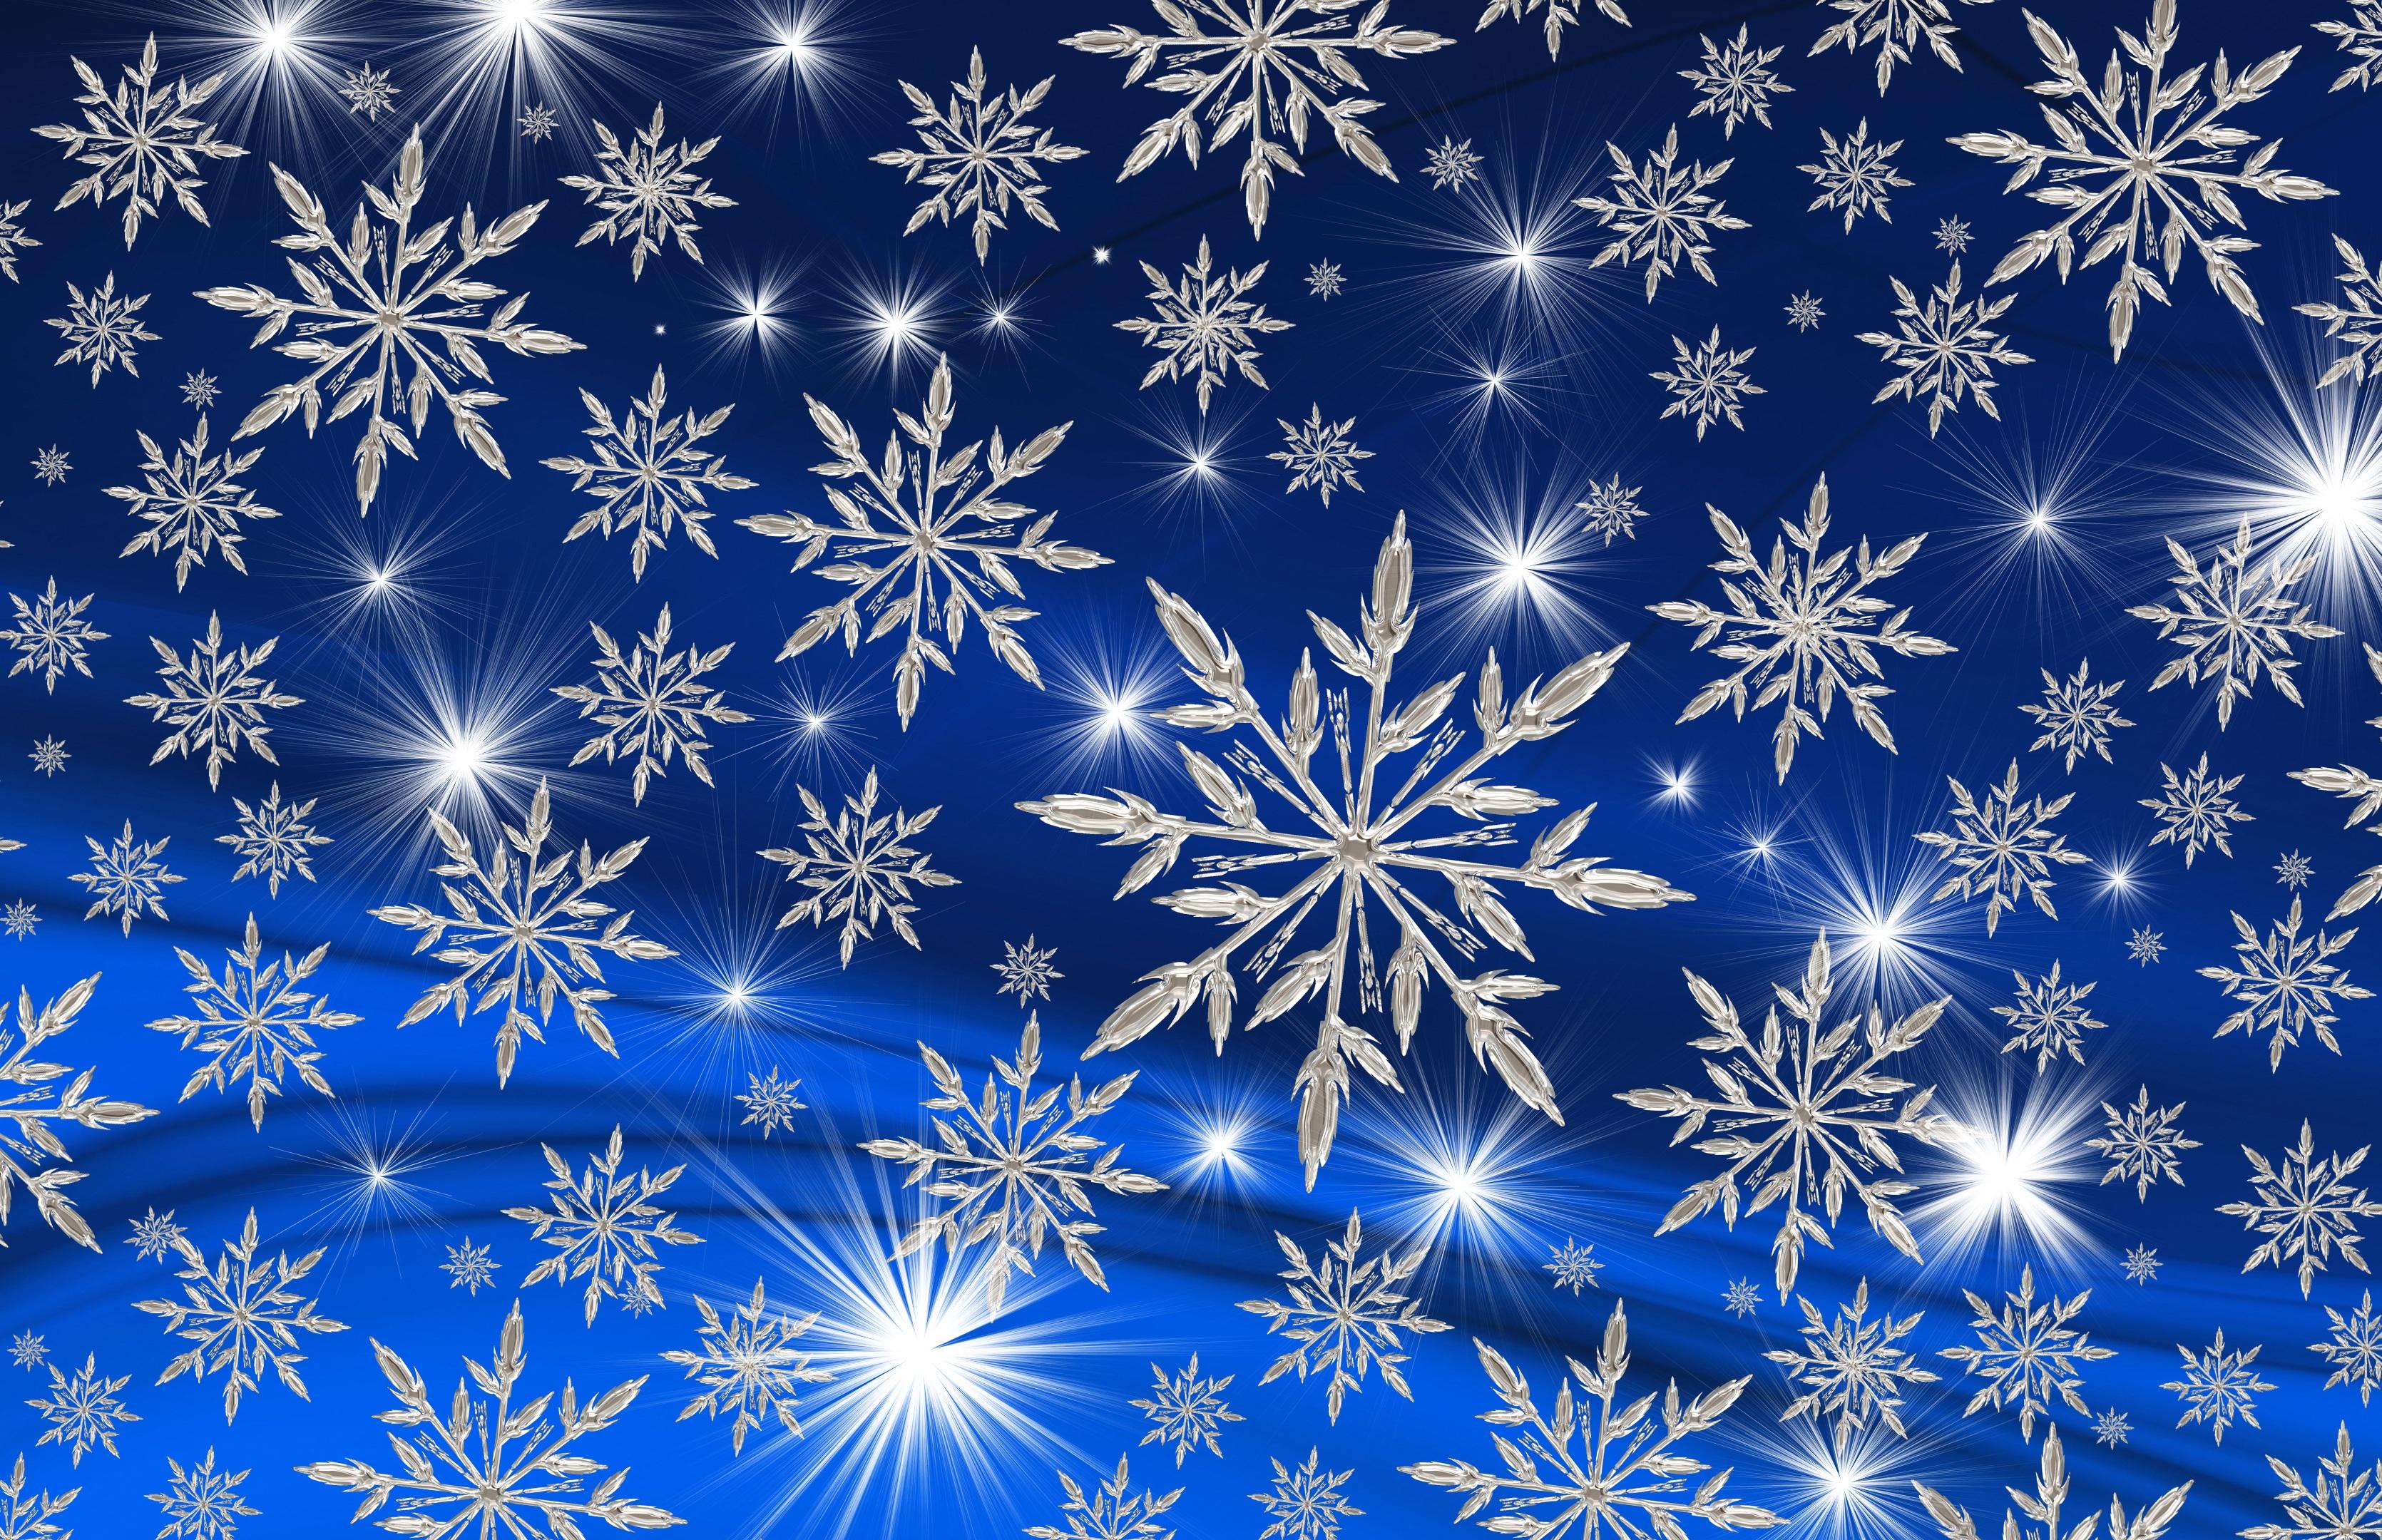 135490 скачать обои Зима, Праздники, Арт, Новый Год, Снежинки, Рождество - заставки и картинки бесплатно